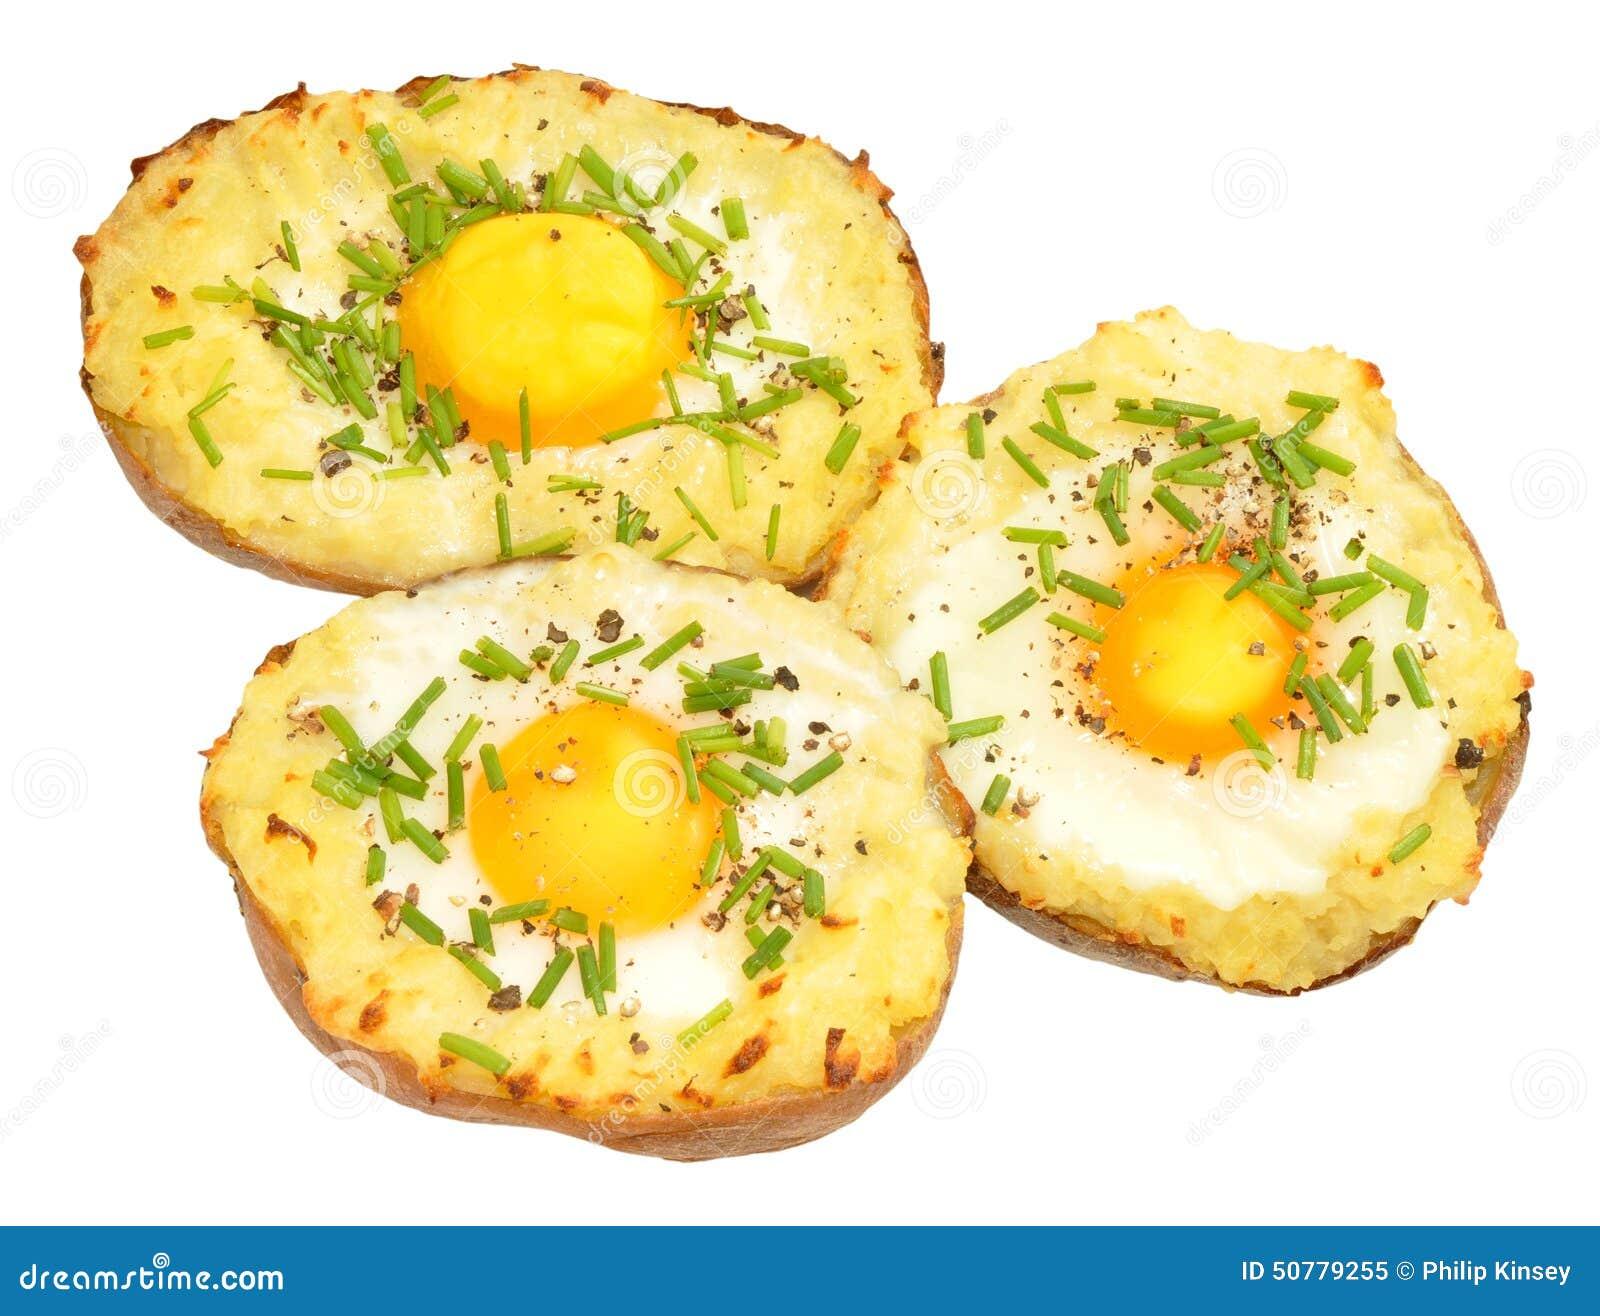 Pommes de terre cuites au four remplies par oeuf photo stock image 50779255 - Conservation pommes de terre cuites ...